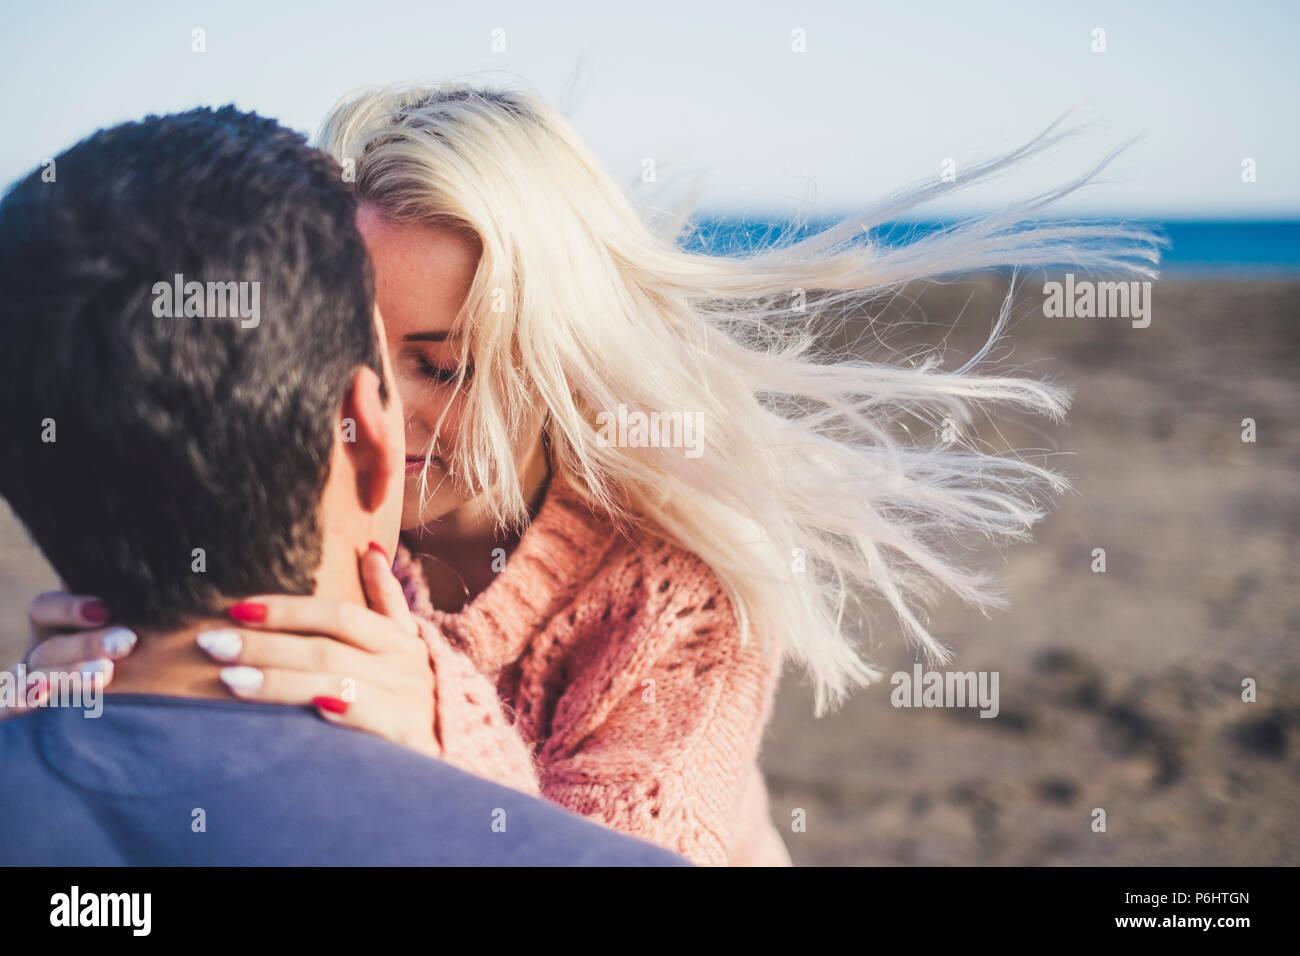 Coppia romantica in amore abbracciando e baciando con gli occhi chiusi e pieni di emozione. bella giovane nella tenerezza insieme all'aperto le attività per il tempo libero a Foto Stock